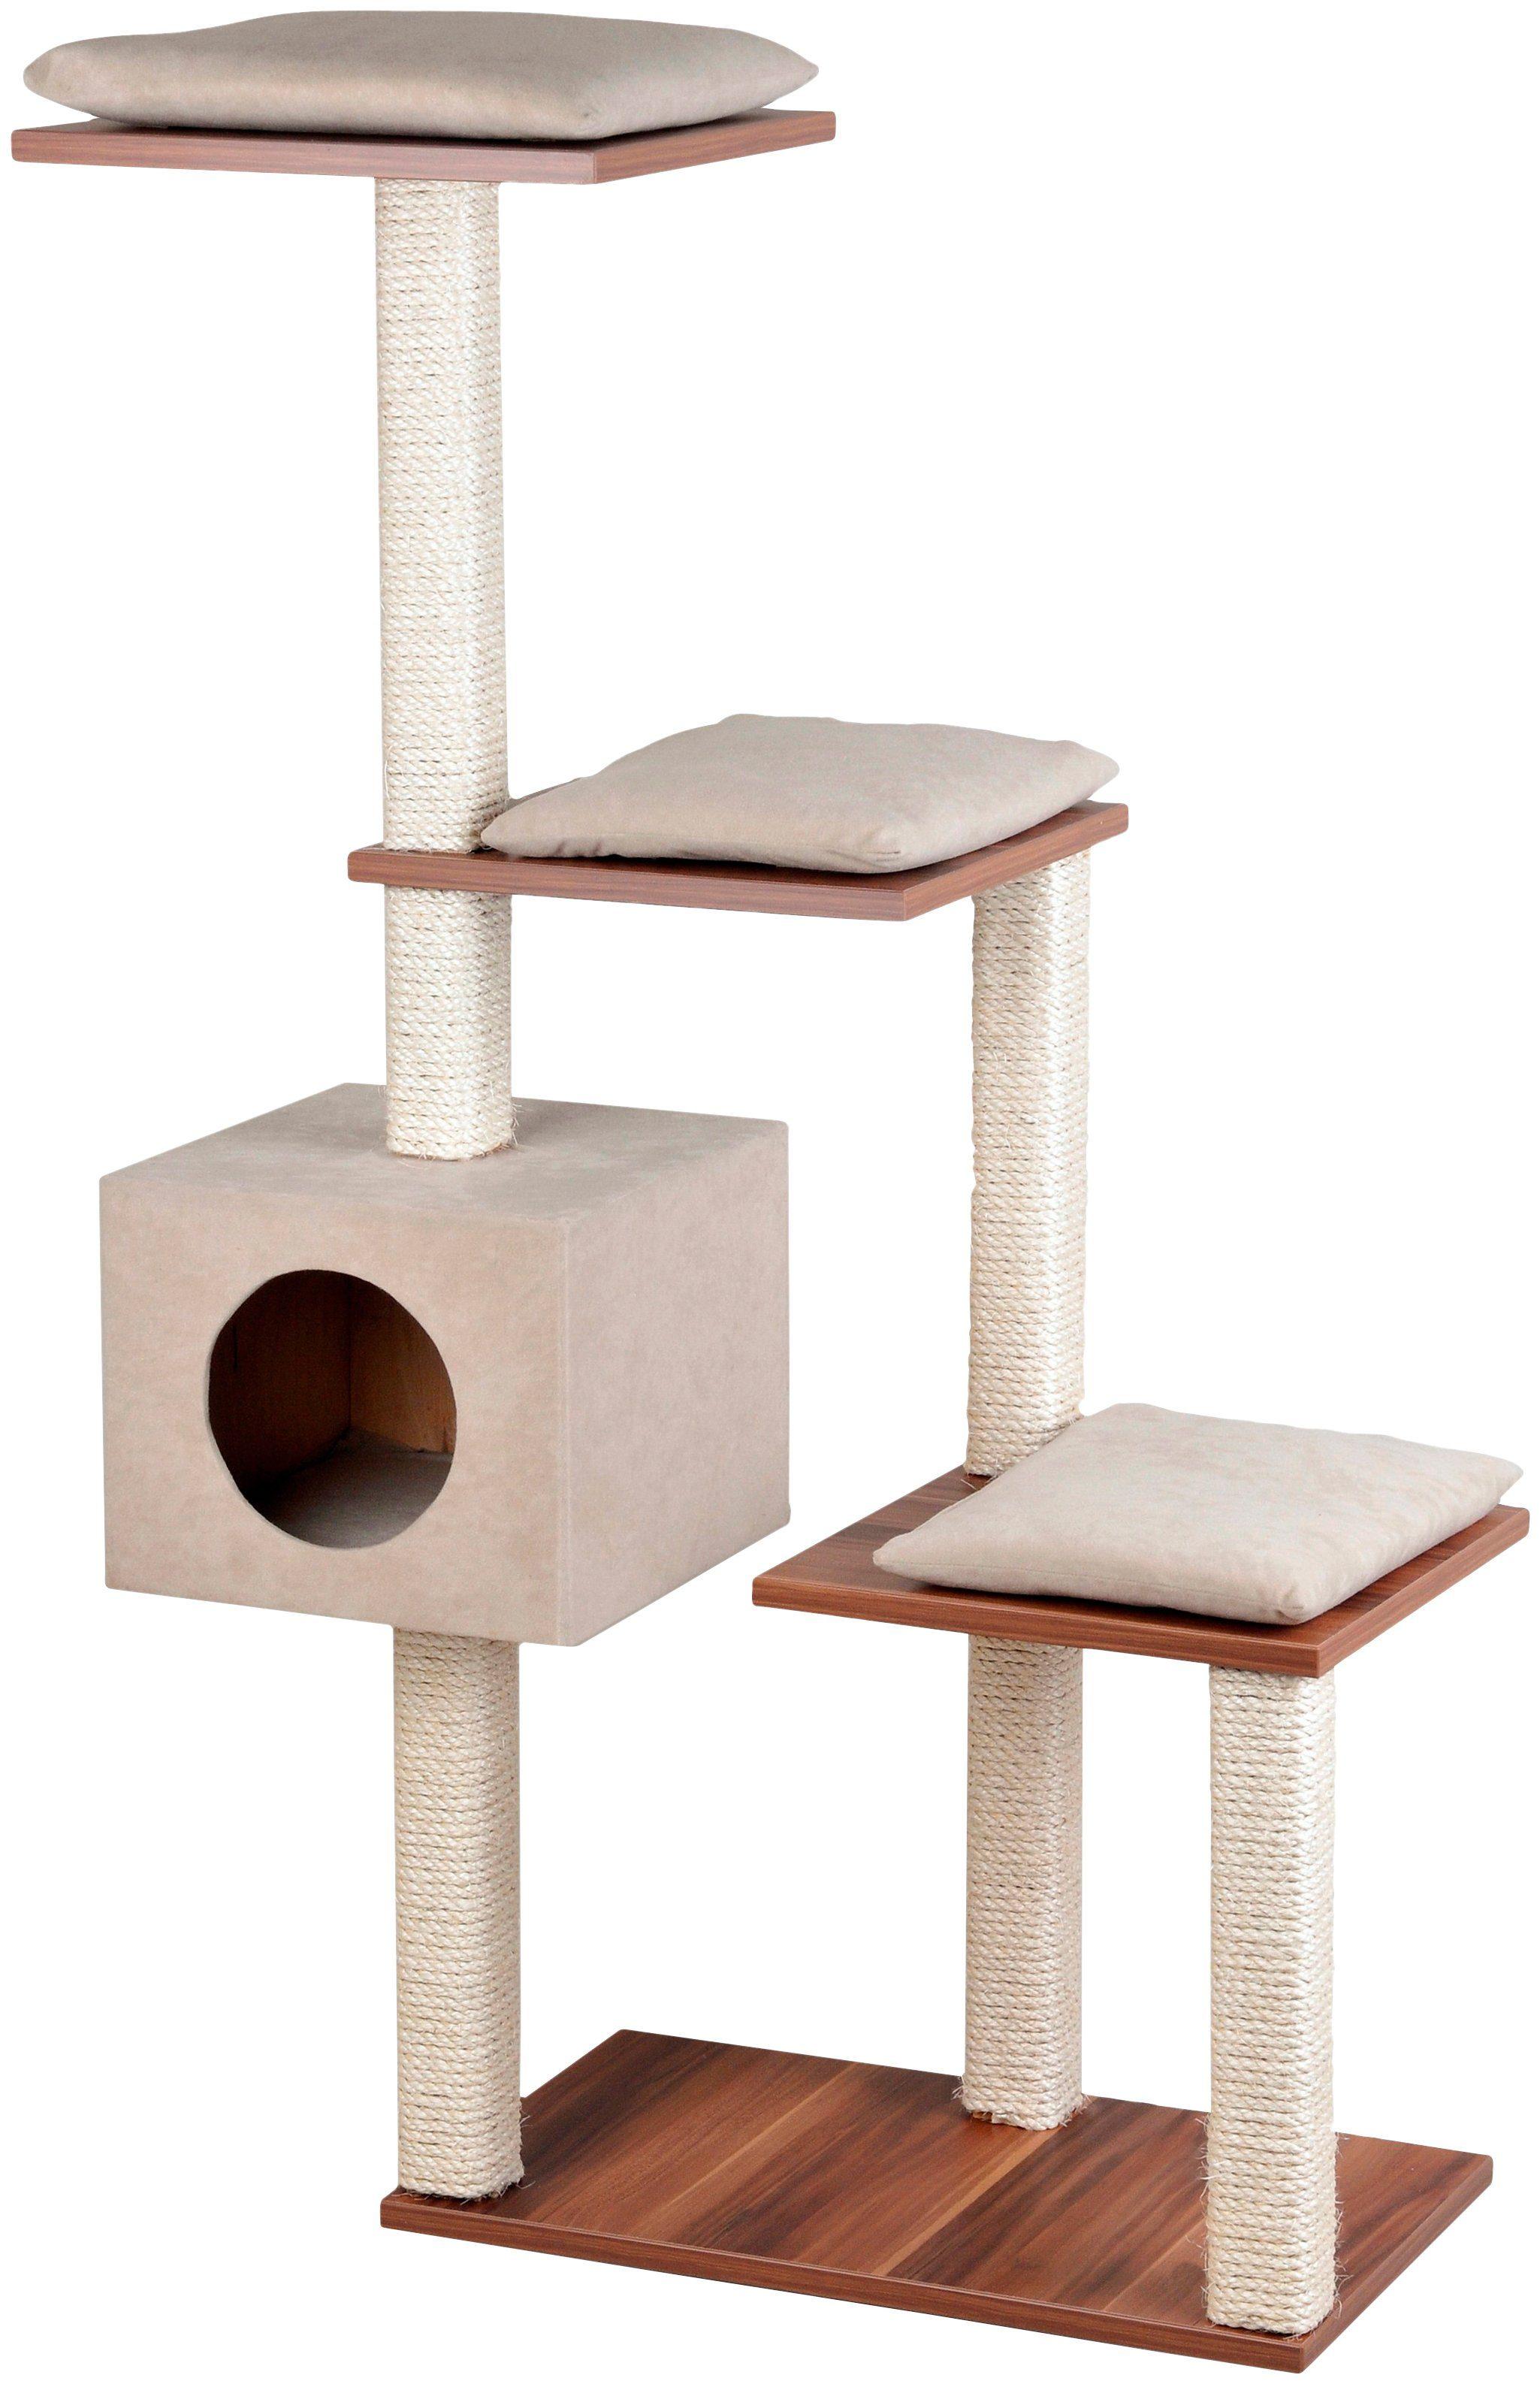 SILVIO DESIGN Kratzbaum »Stufenboy Cosy«, B/T/H: 80/36/126 cm, walnussdekor/sandfarben